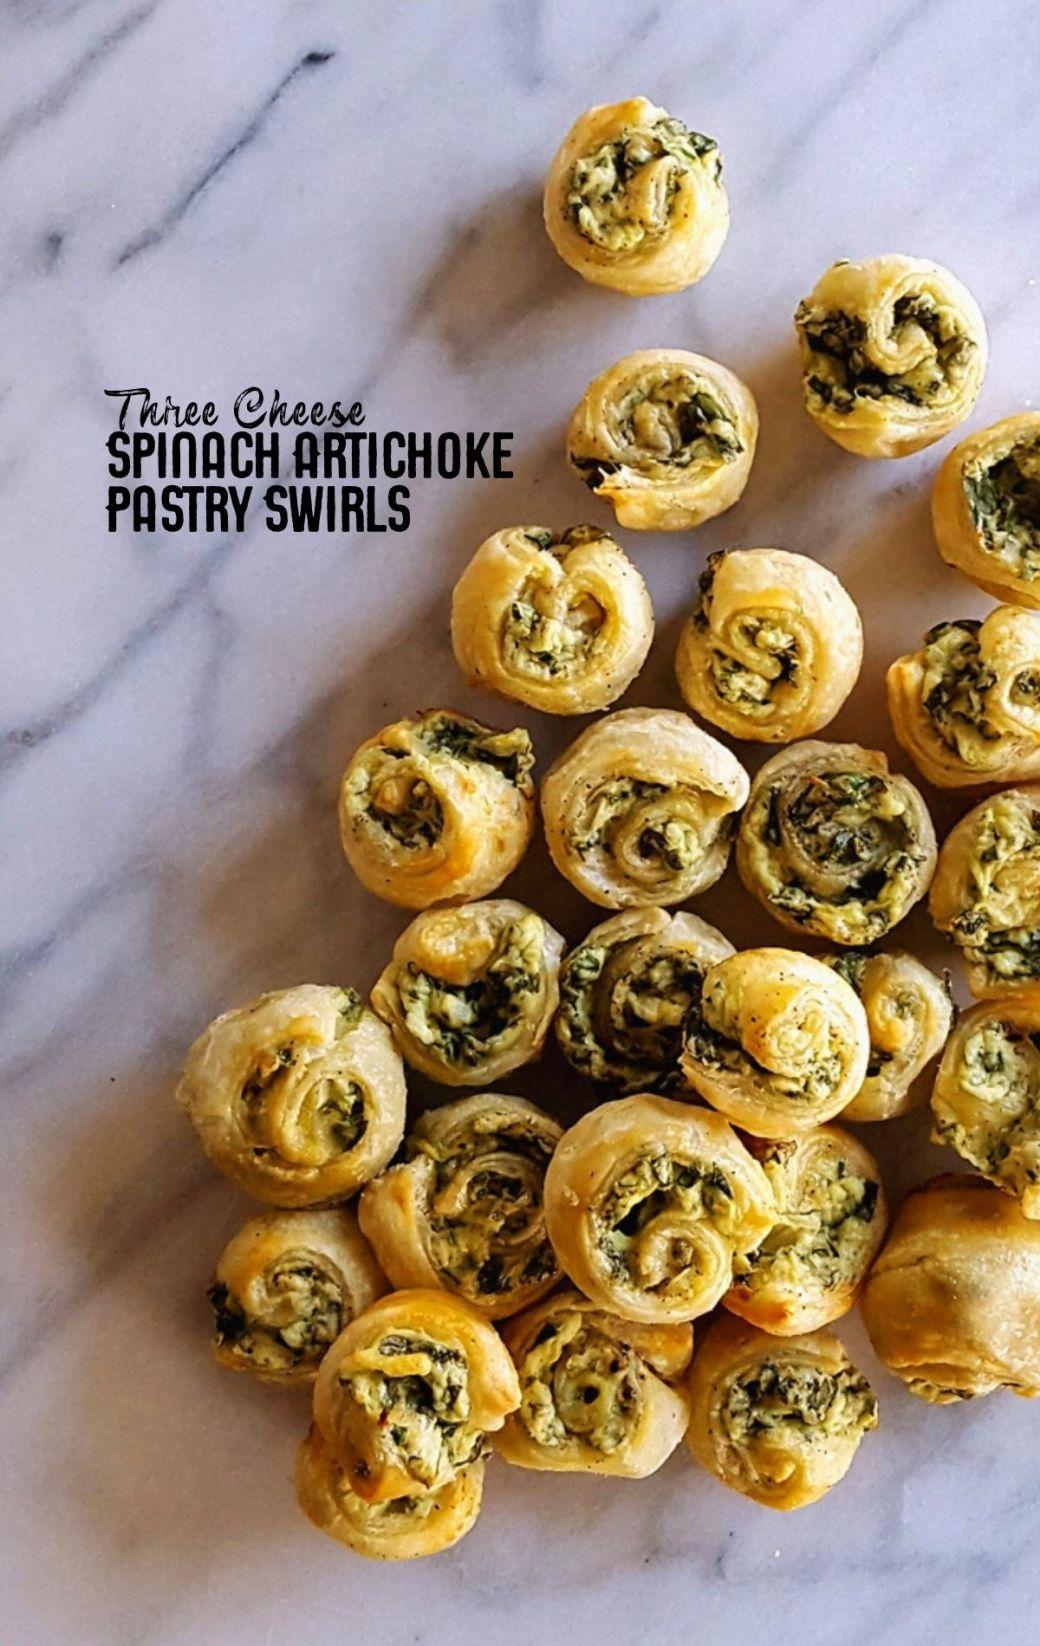 Three Cheese Spinach & Artichoke Pastry Swirls